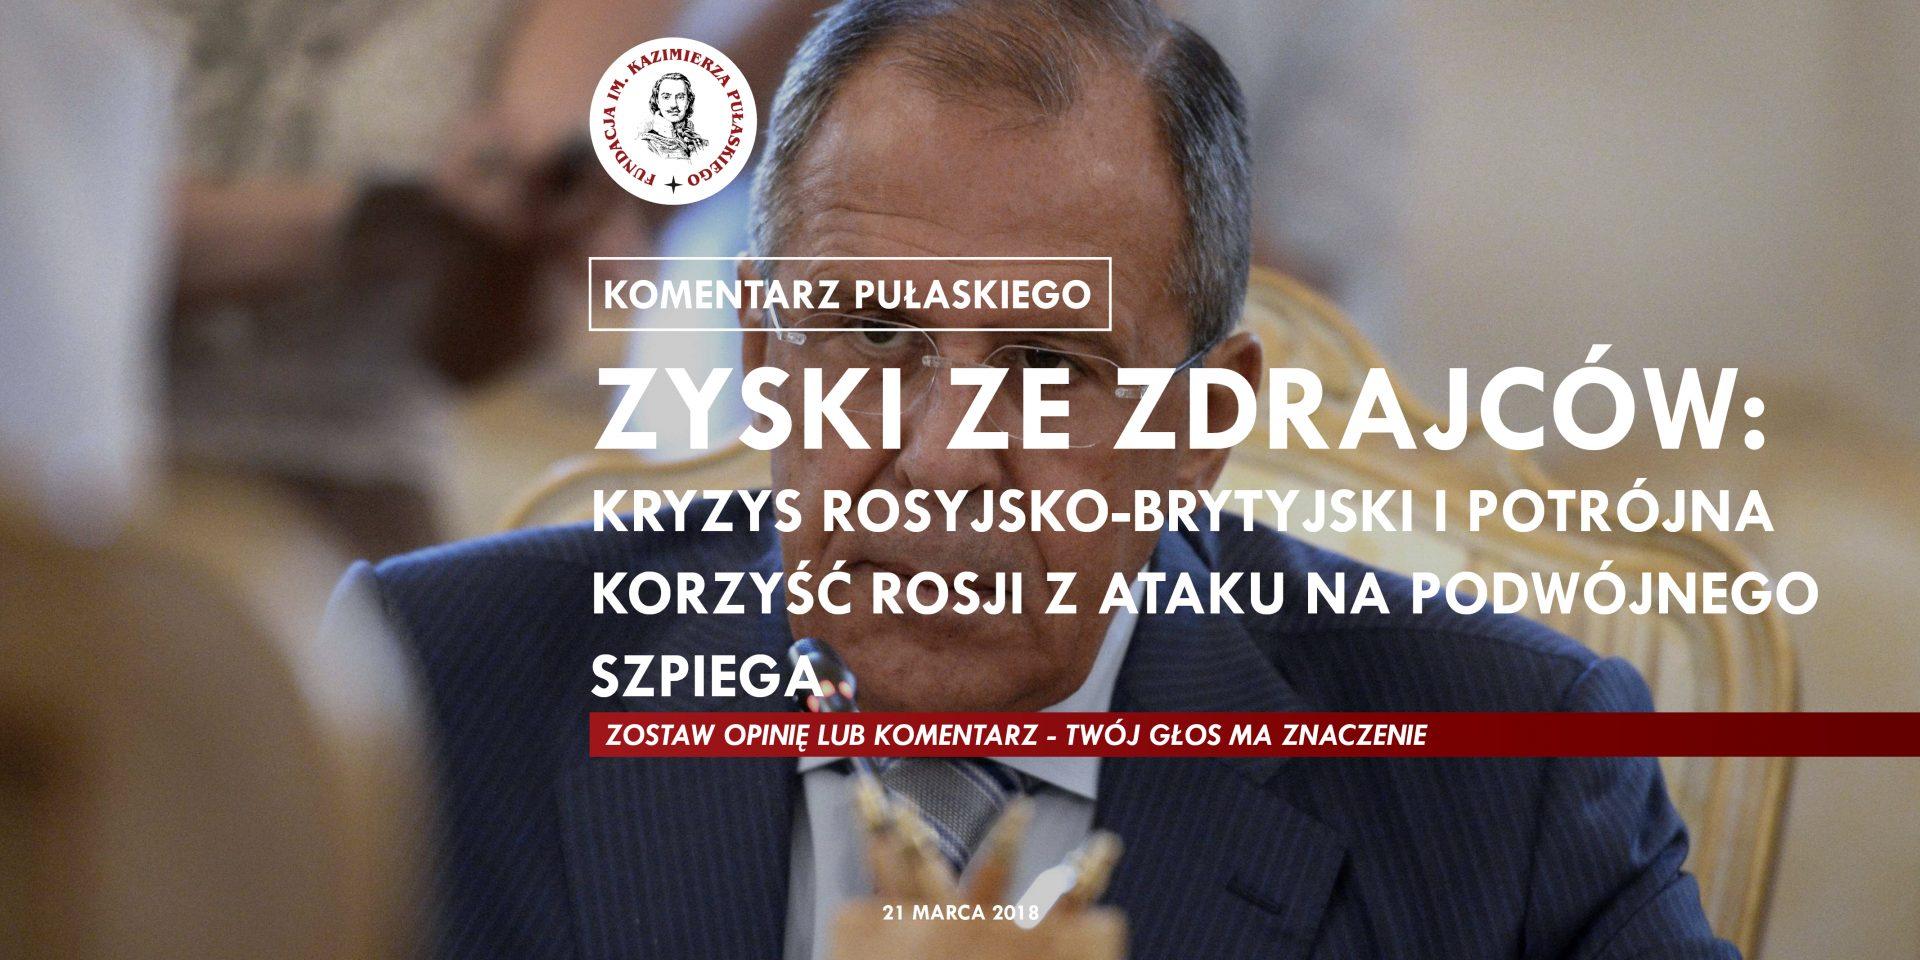 KOMENTARZ PUŁASKIEGO – G. Lewicki: Zyski zezdrajców: kryzys rosyjsko-brytyjski ipotrójna korzyść Rosji zataku napodwójnego szpiega